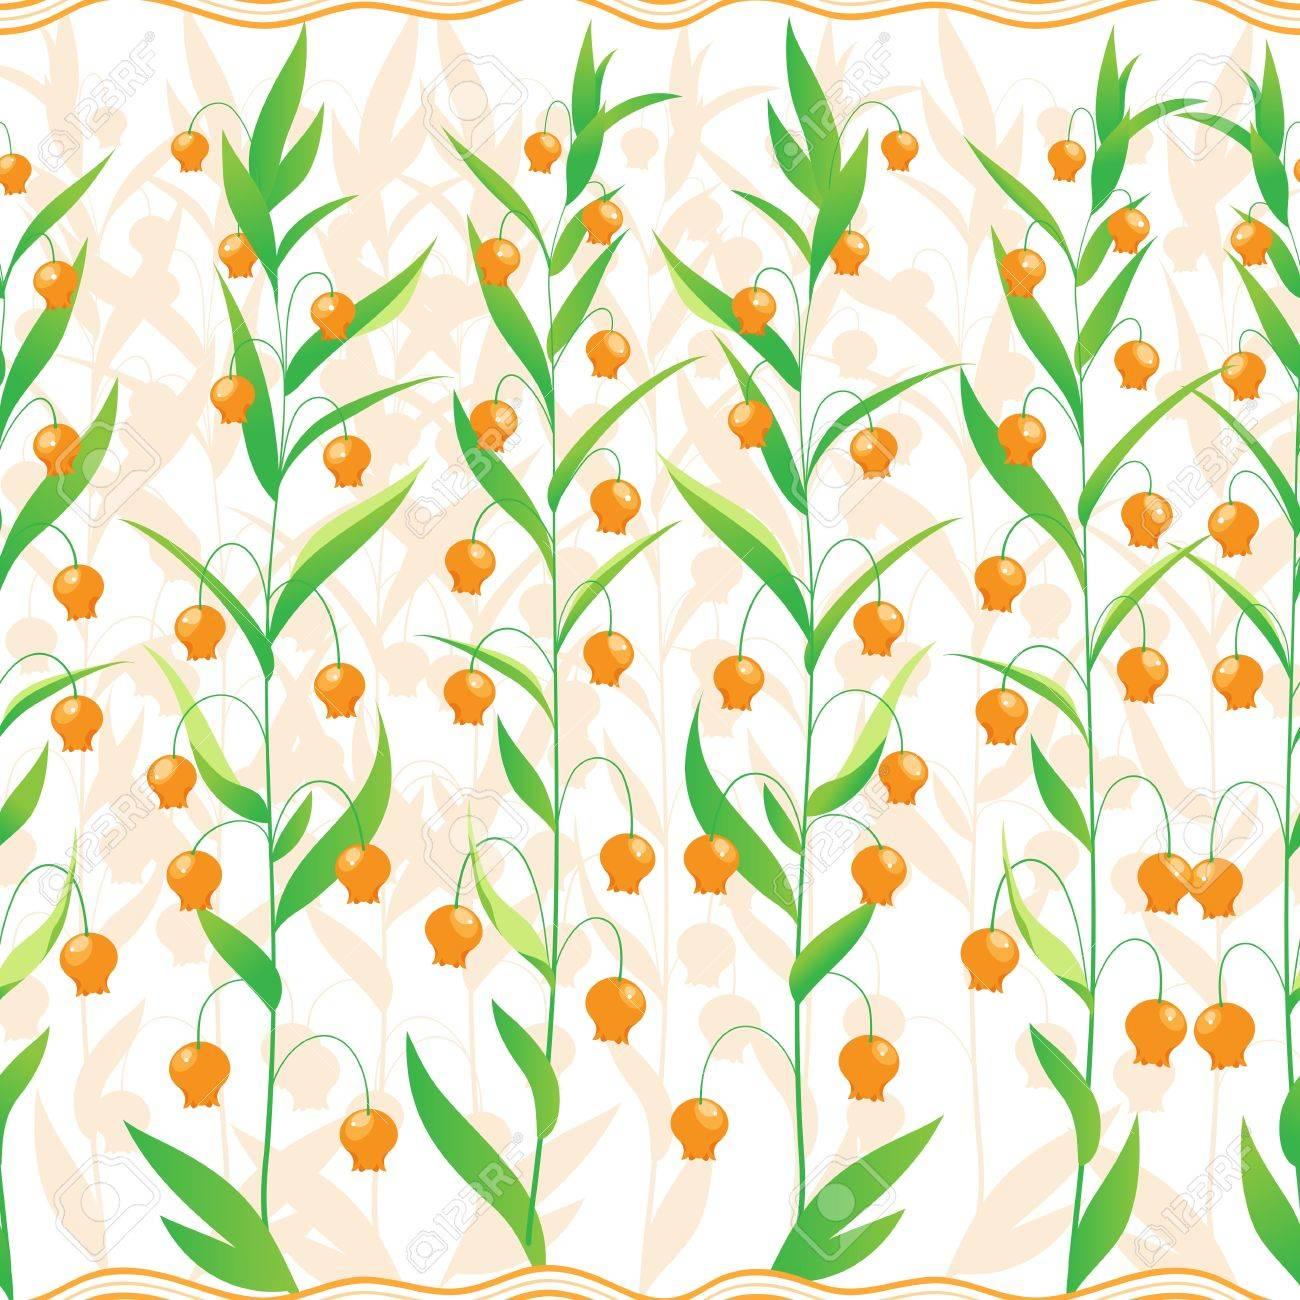 Patrón Transparente De Unas Pequeñas Flores De Color Naranja Y Una ...